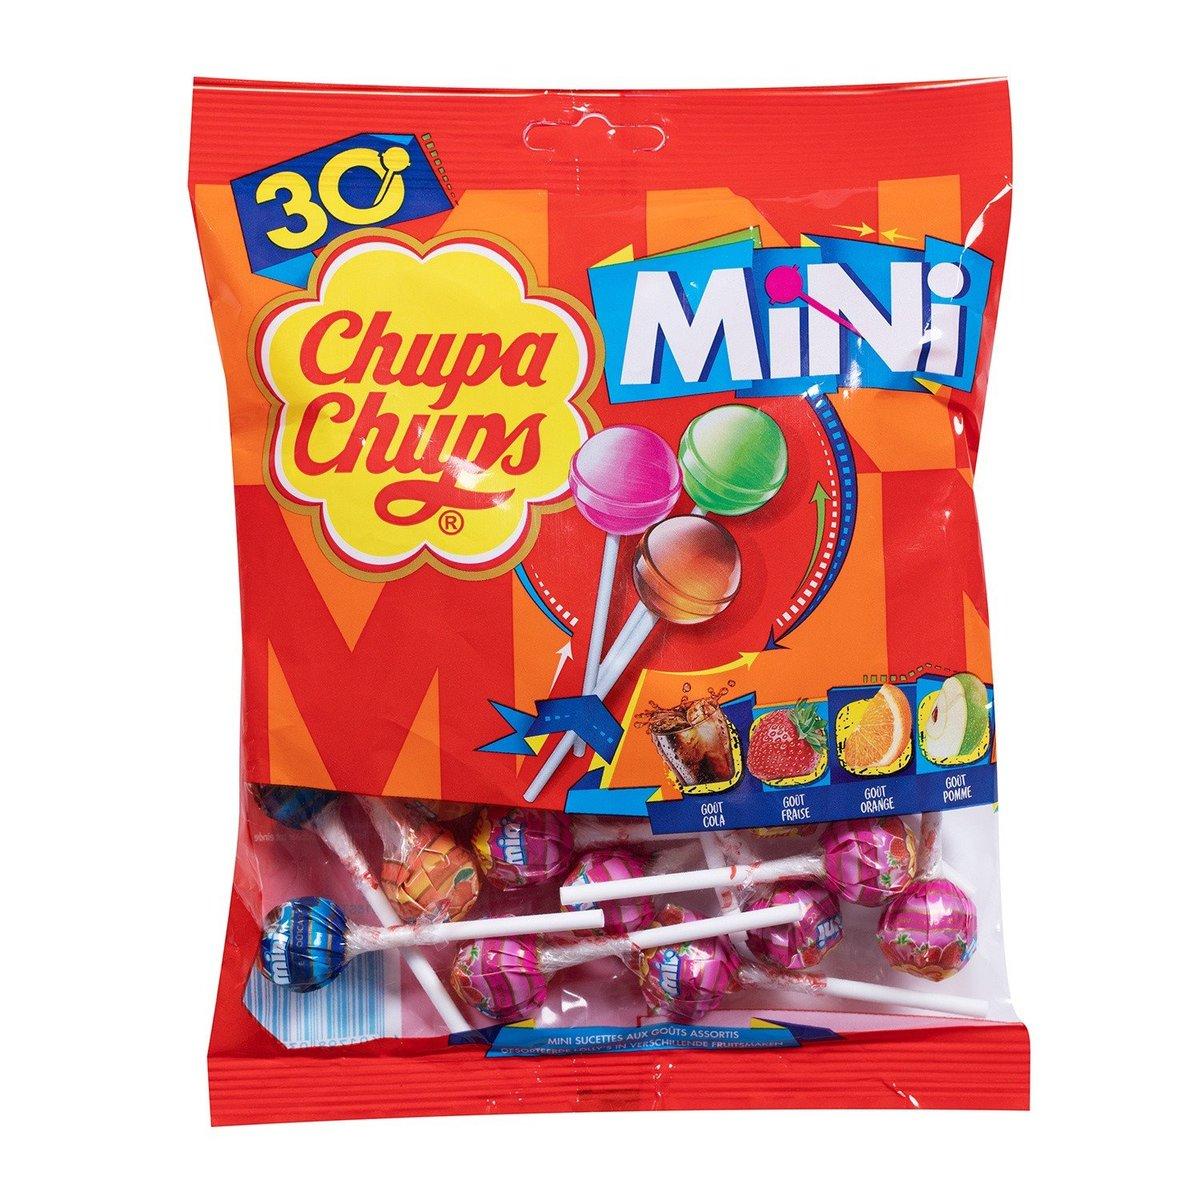 法國直送 - Chupa Chups - Mini 珍寶珠